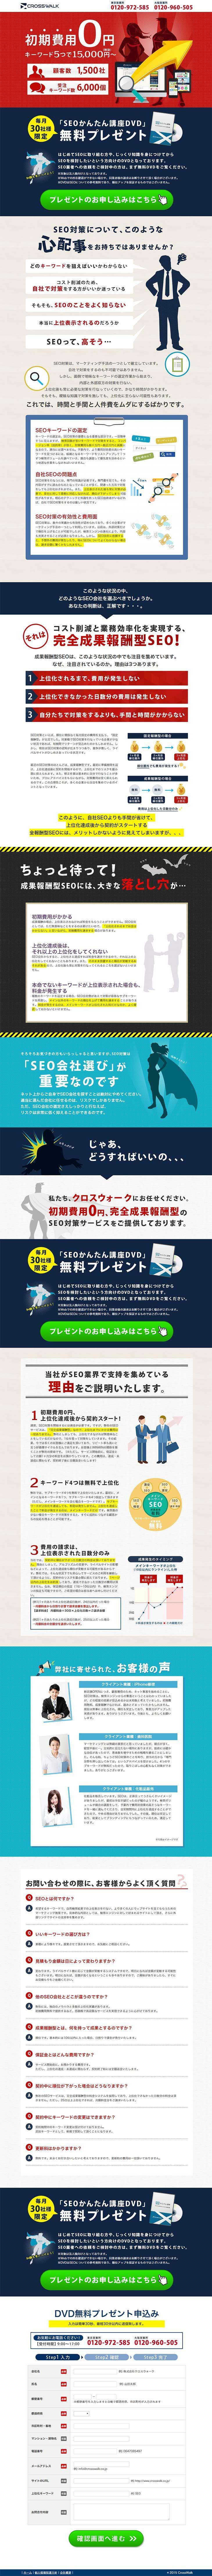 激安SEO【サービス関連】のLPデザイン。WEBデザイナーさん必見!ランディングページのデザイン参考に(シンプル系)